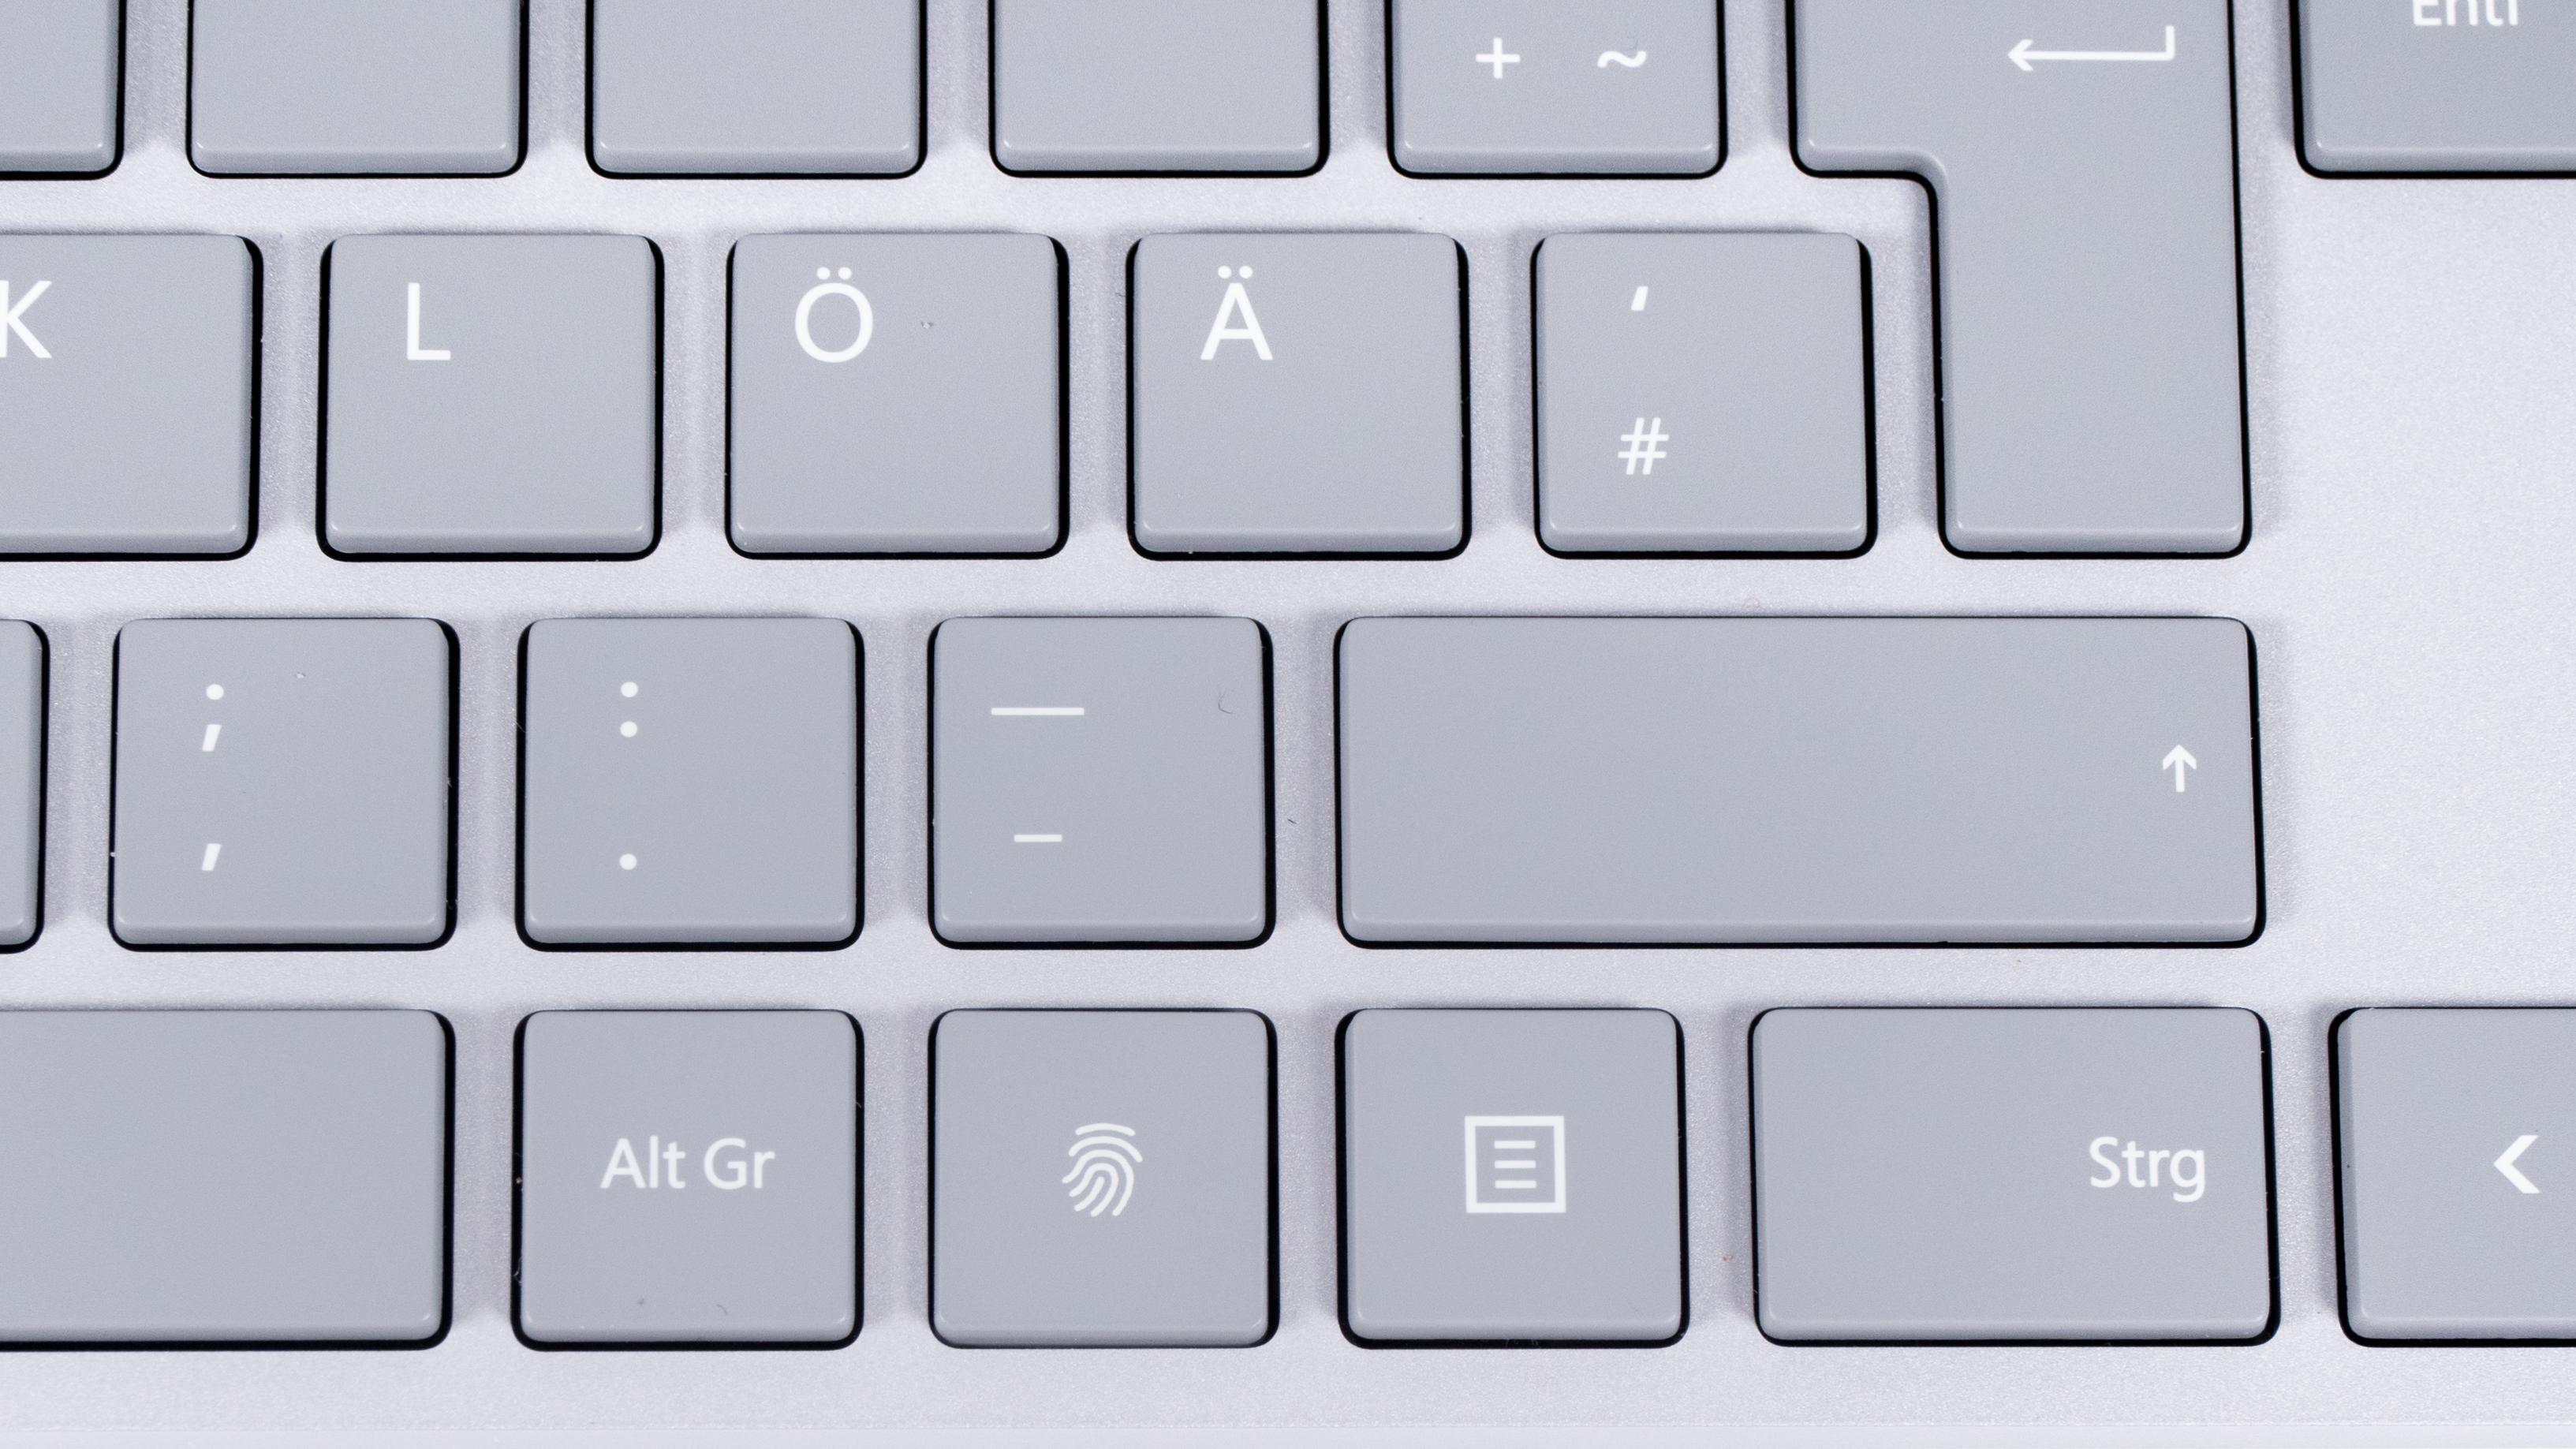 Microsoft Modern Keyboard im Test: Die Suche nach dem Lieblingsschreibinstrument - Der Fingerabdrucksensor ersetzt die rechte Windows-Taste. (Bild: Oliver Nickel/Golem.de)